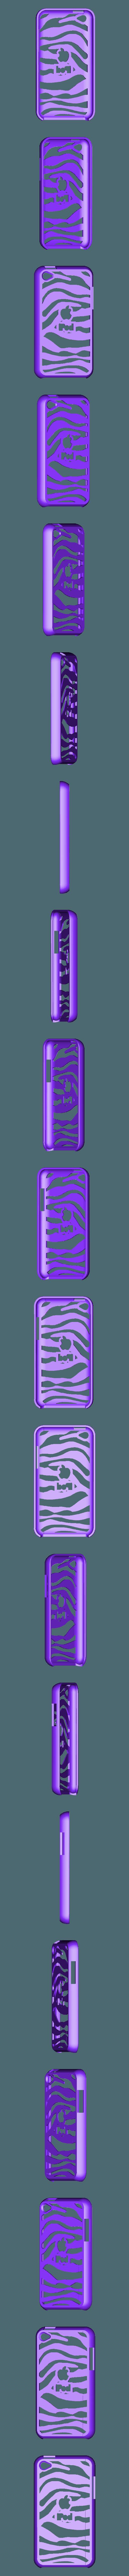 iP4_zCase.stl Télécharger fichier SCAD gratuit Étuis pour iPod 4 Touch • Plan imprimable en 3D, Wachet